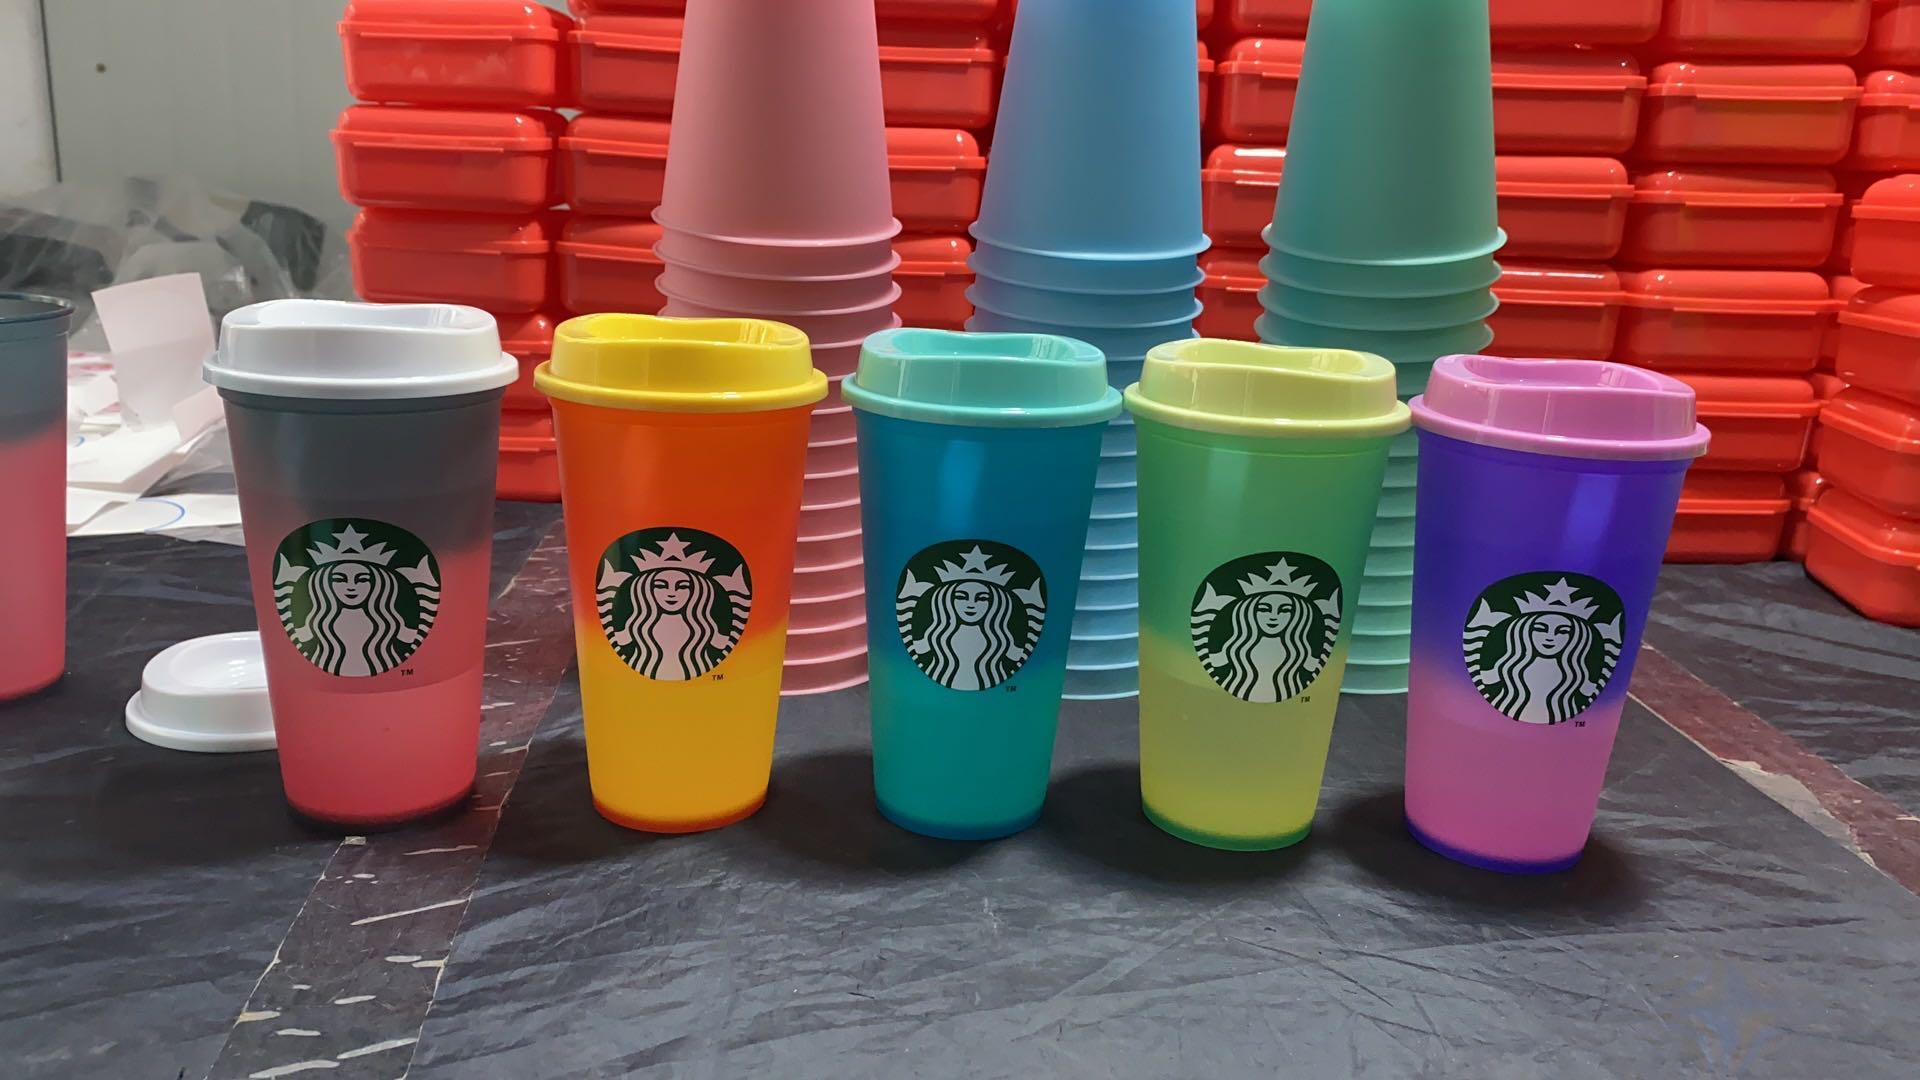 25 pz DHL Free Starbucks 16ozplastic Tumbler riutilizzabile Bere Bere Piano Flat Bottom Tazza Pilastro Forma coperchio Paglia Mug Bardian Decolorazione Varietà di colore